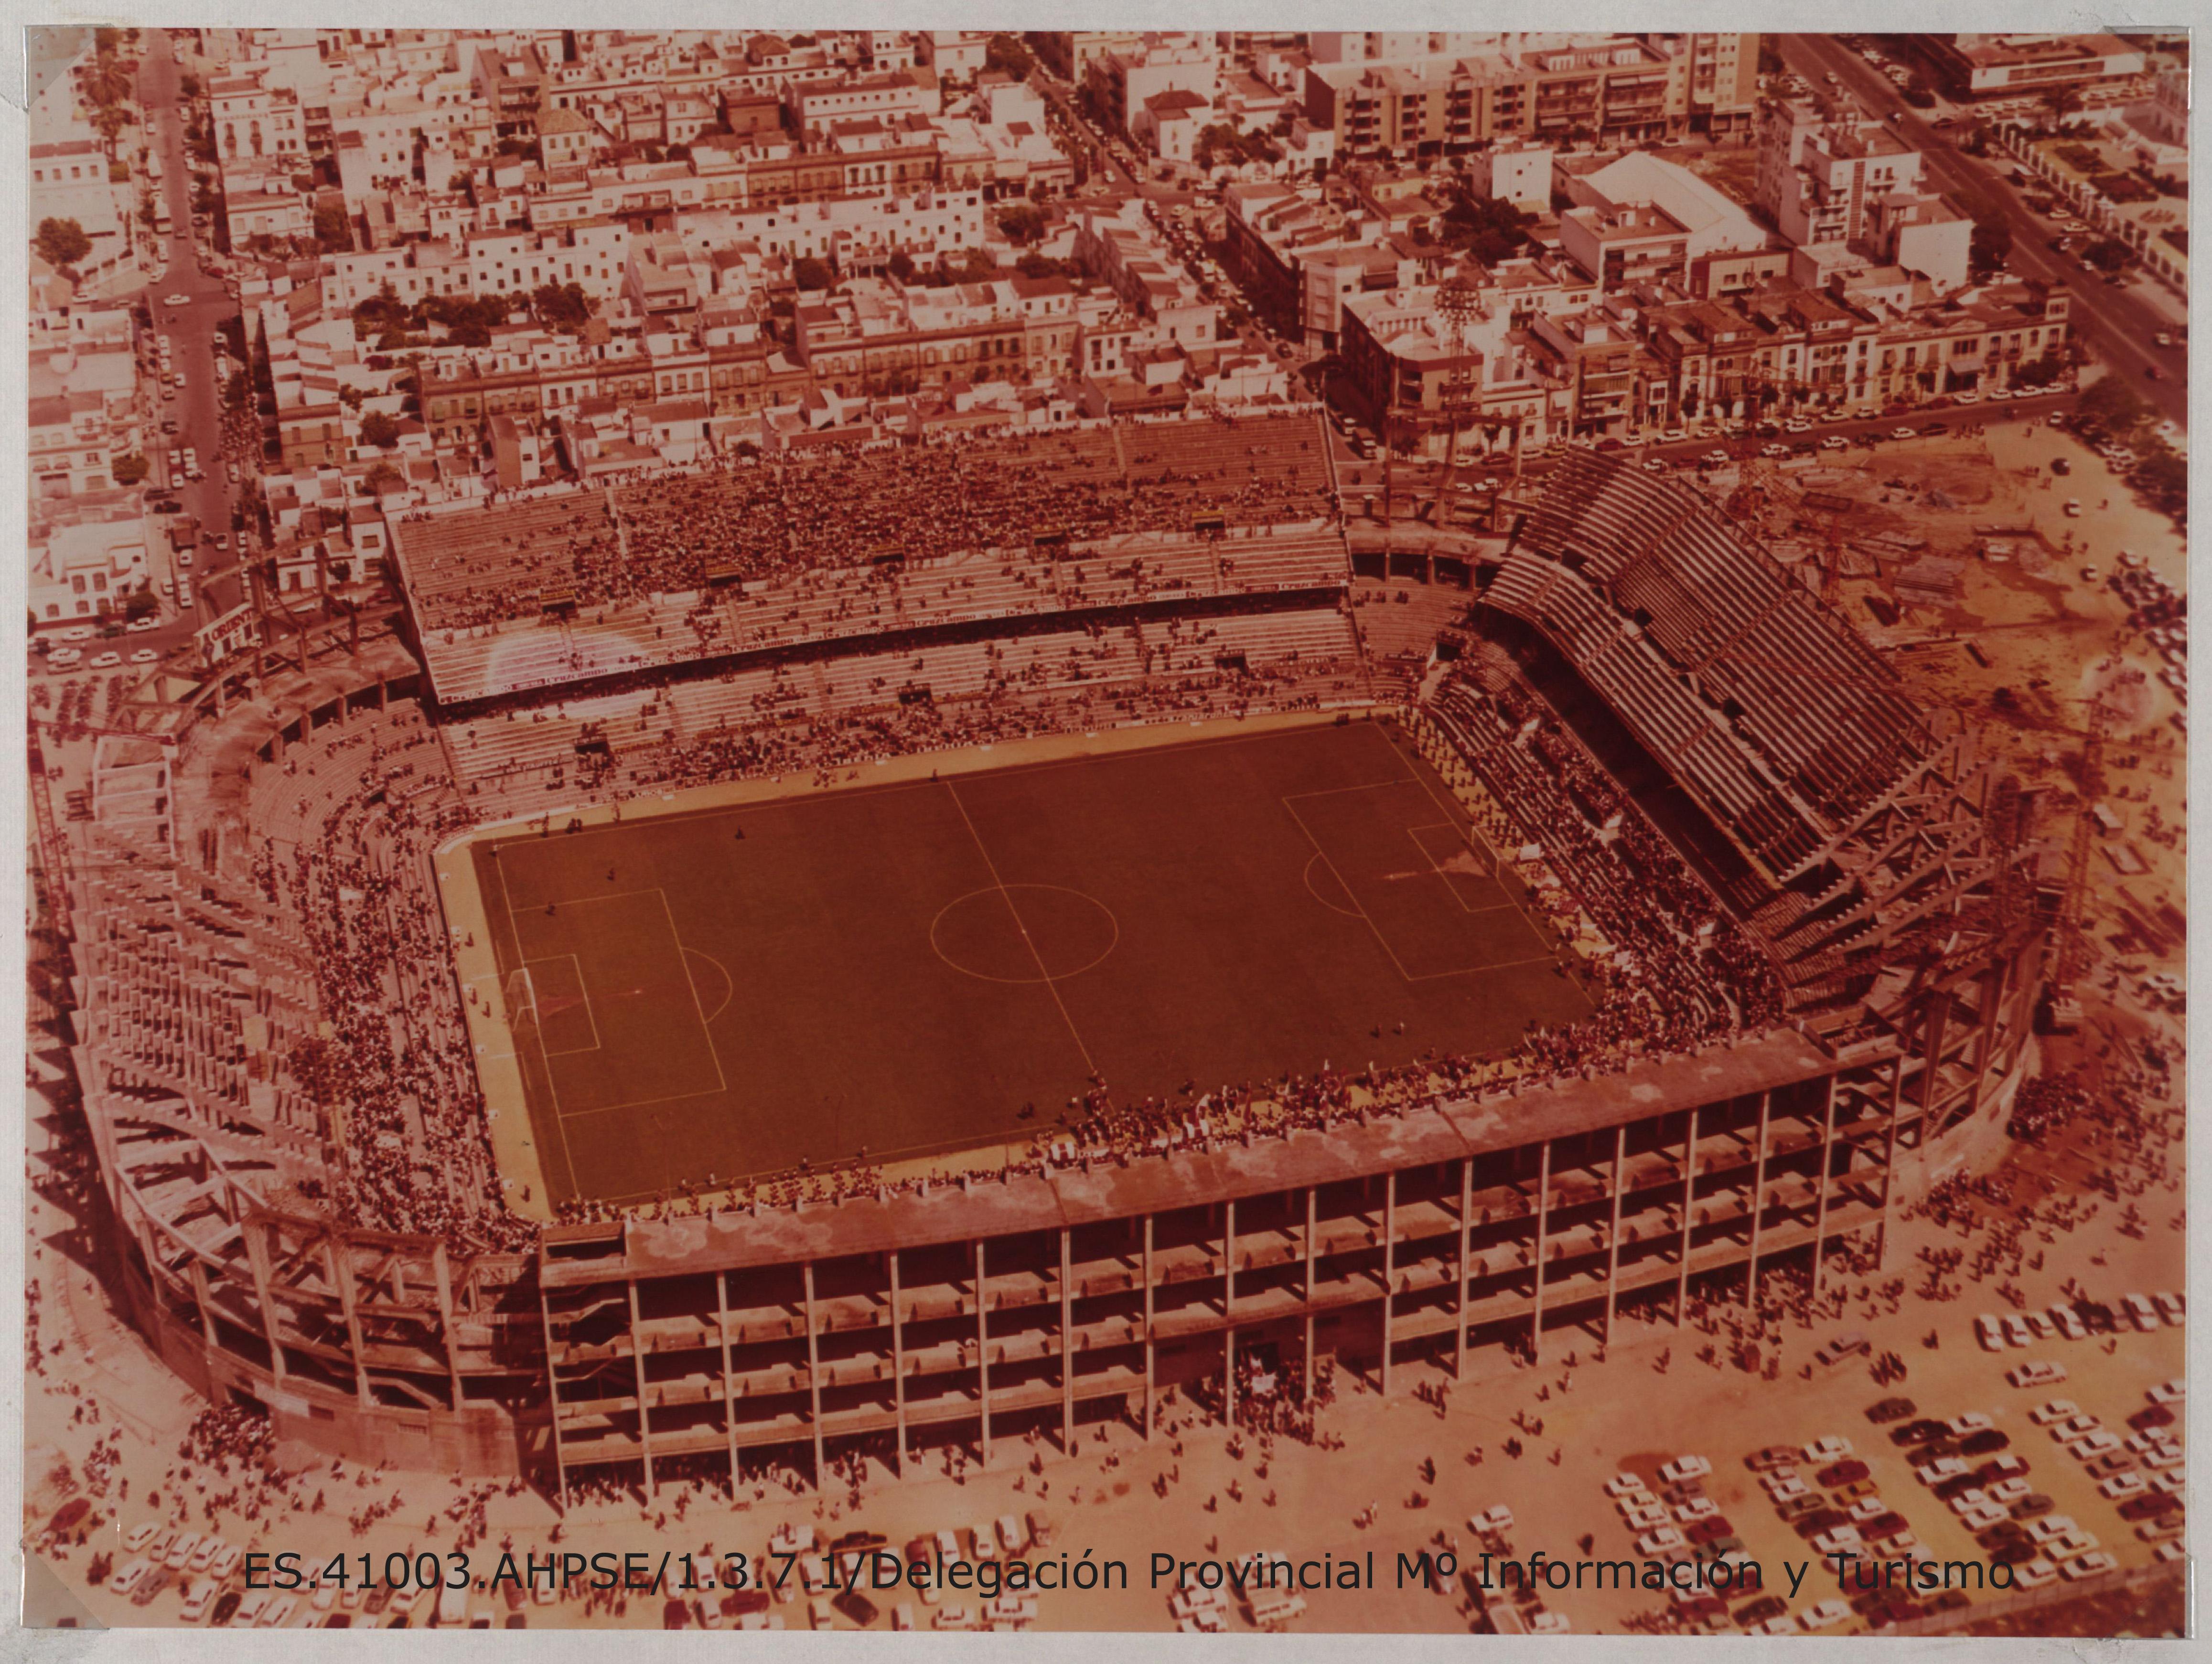 Vista aérea del estadio de fútbol Ramón Sánchez Pizjuán. Sevilla. [1970]